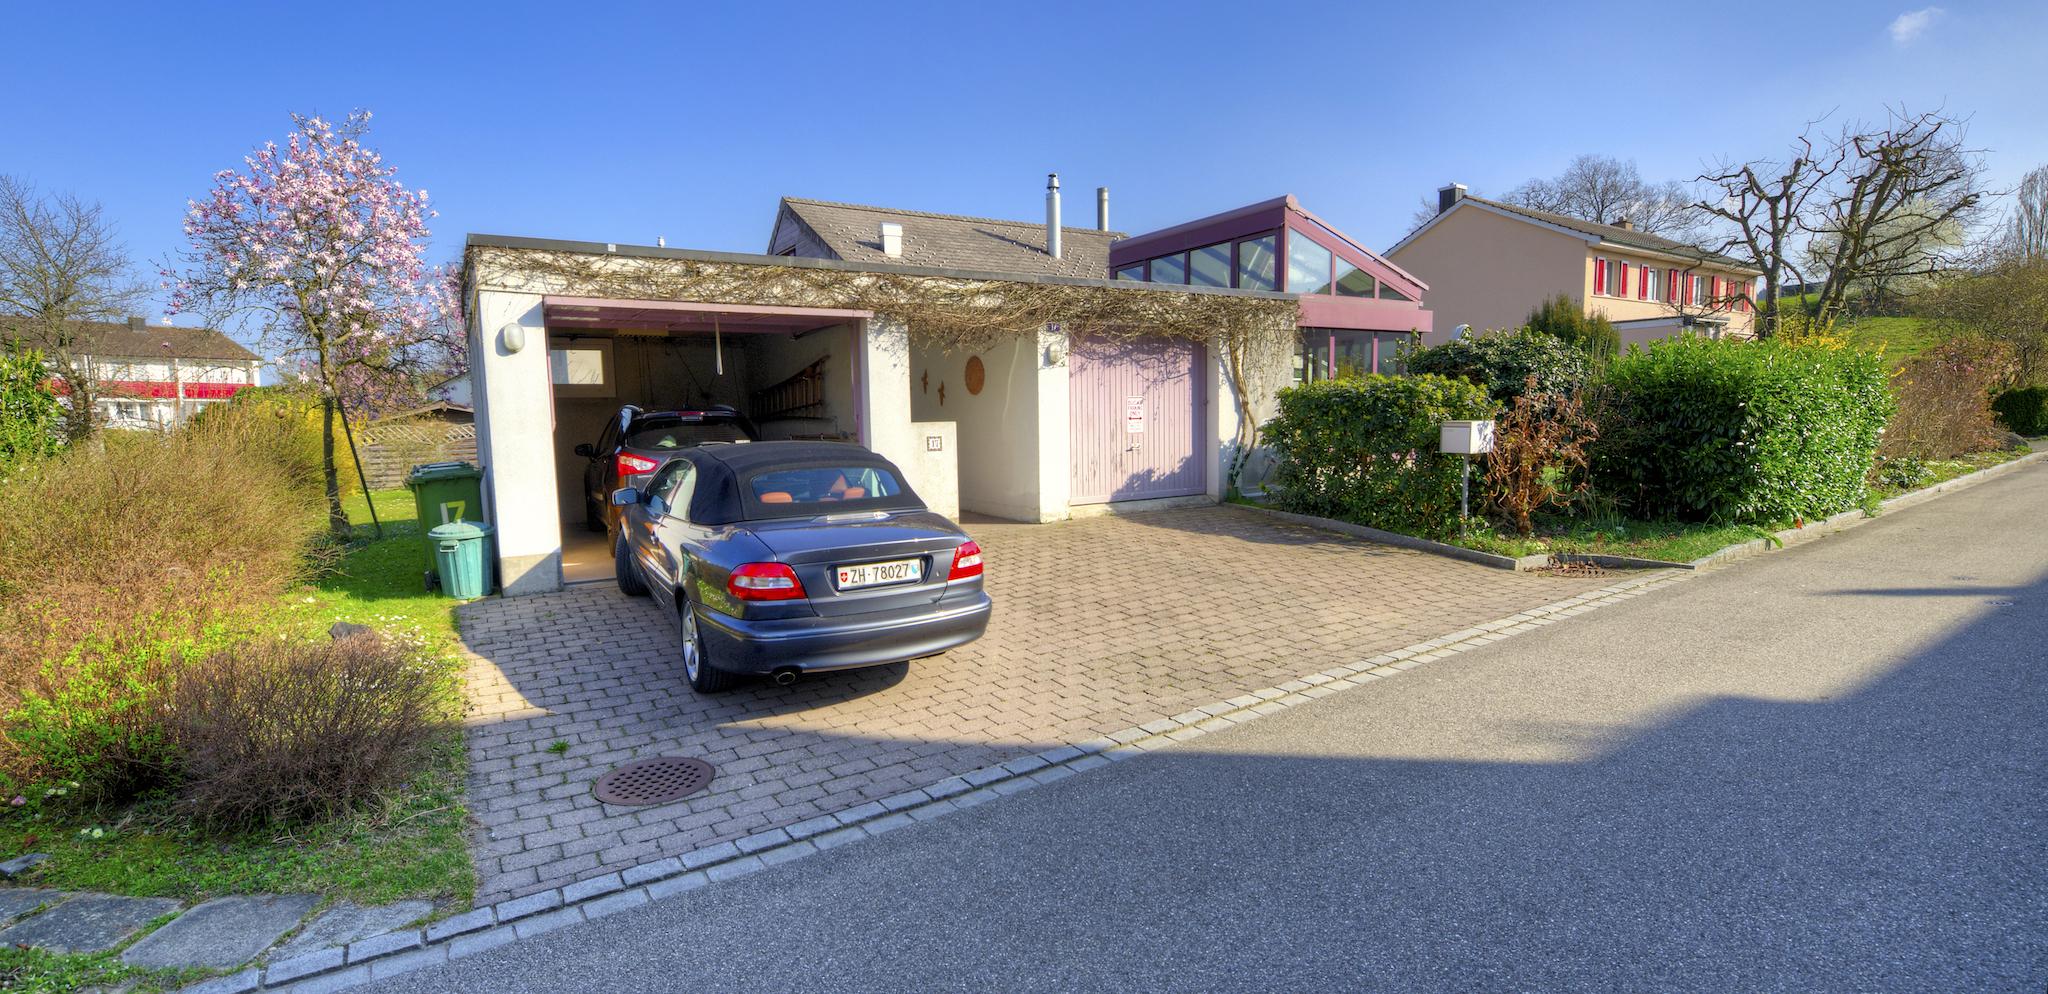 Hauszugang mit Garagen und Parkplätzen